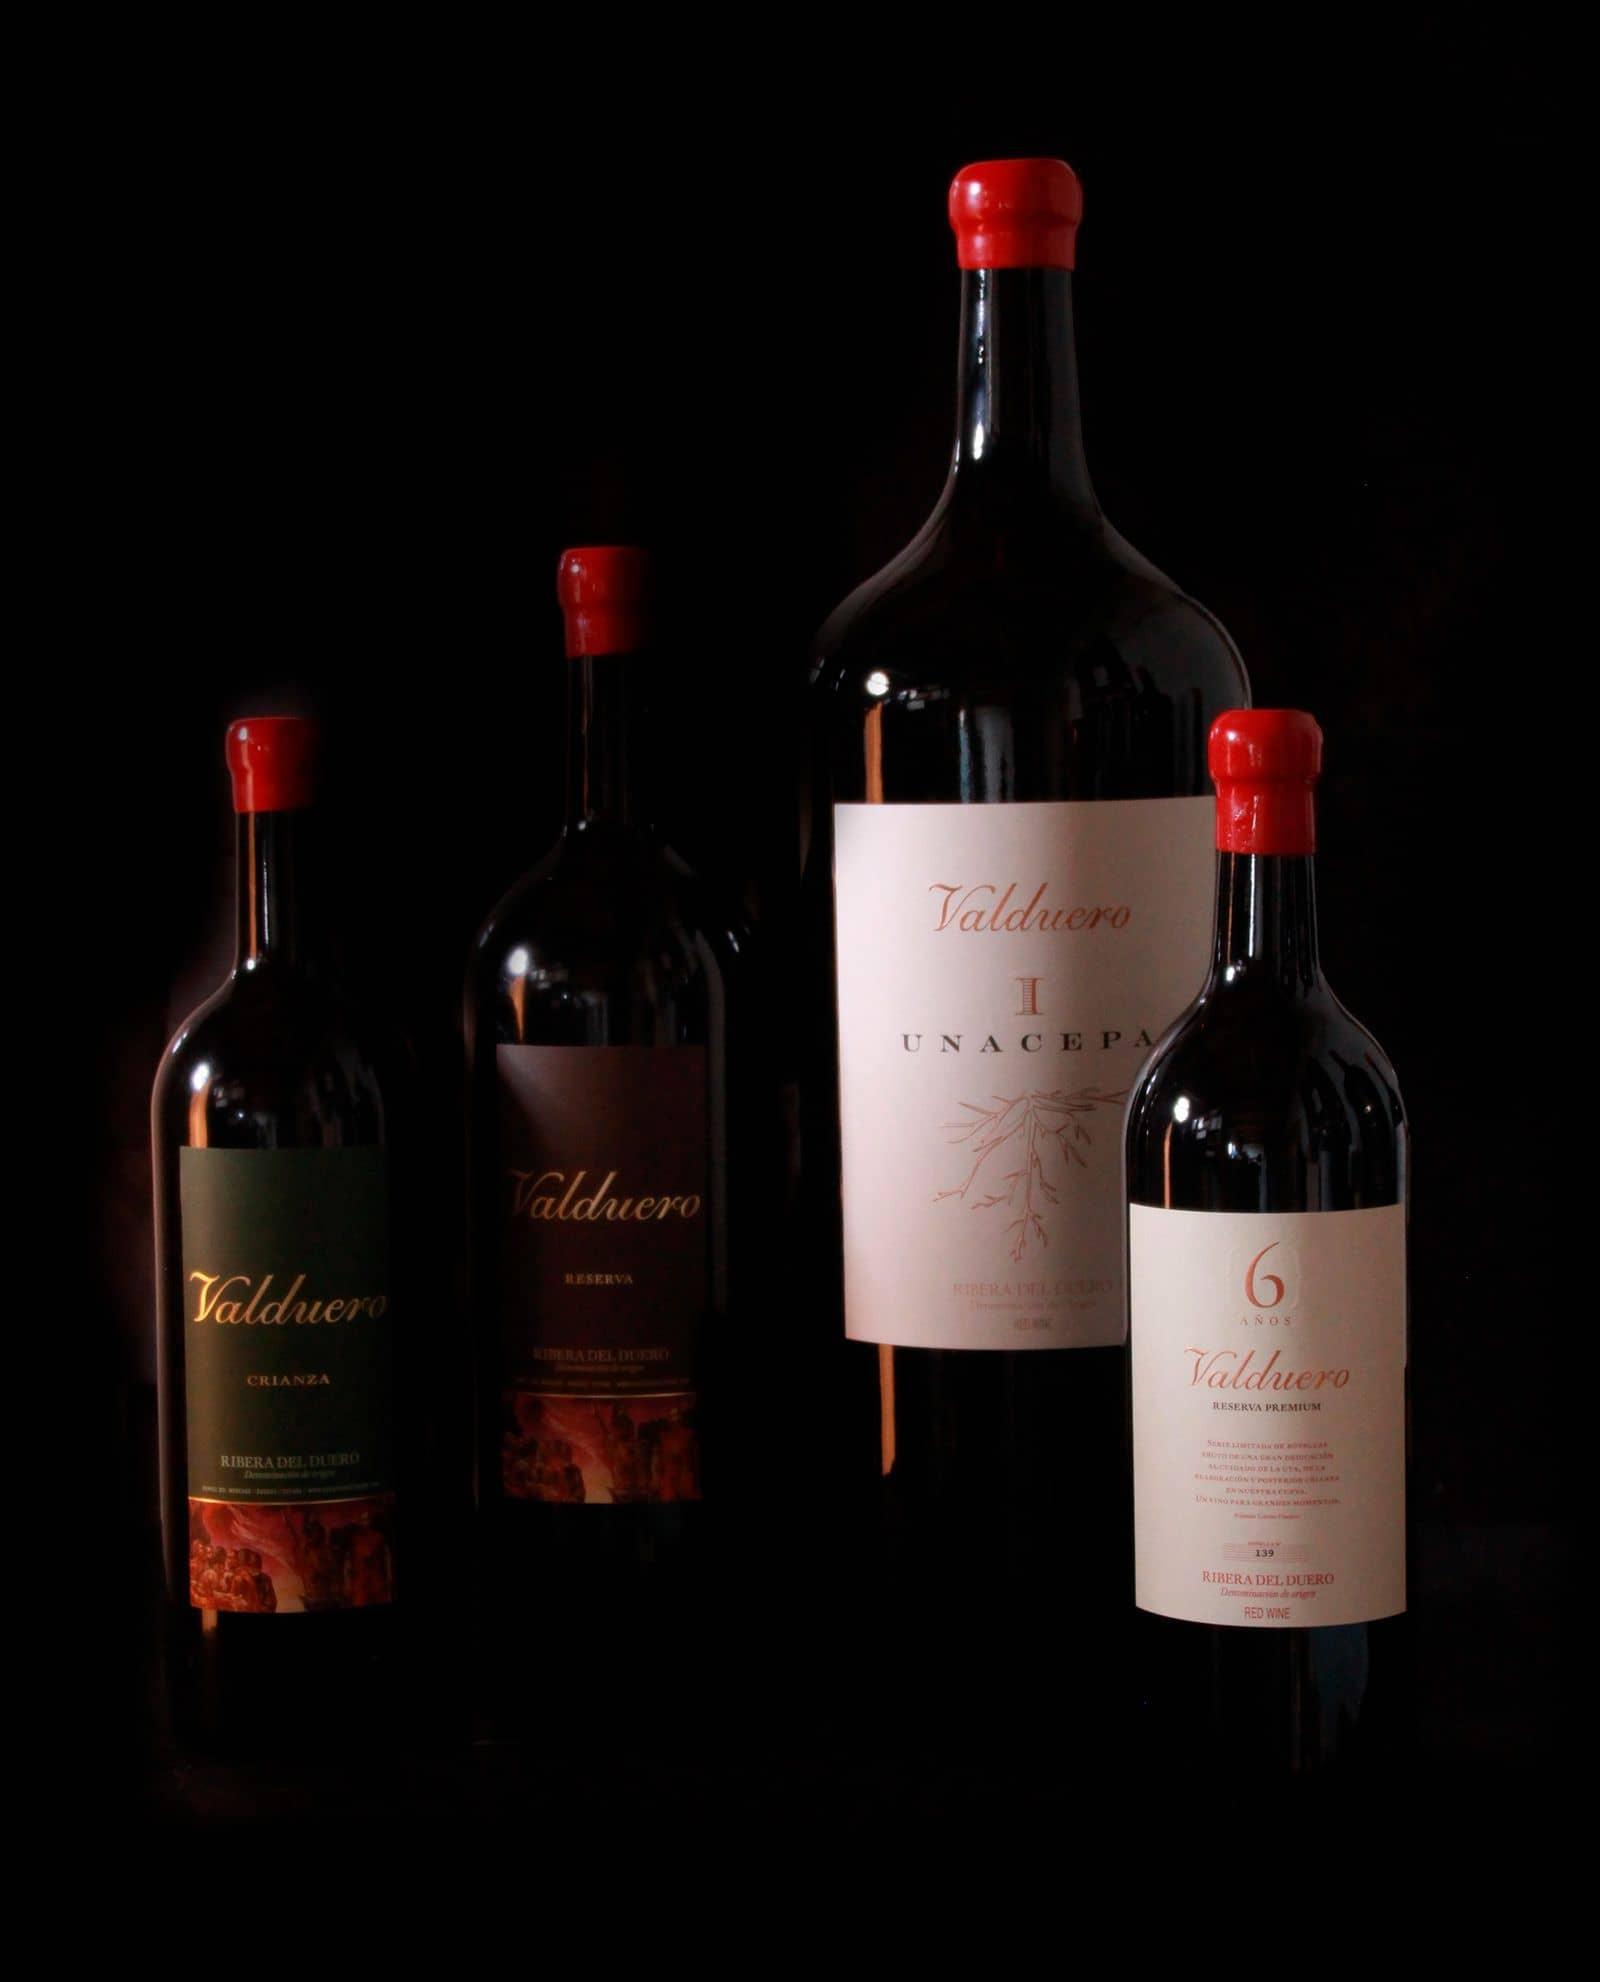 Tamaño de las botellas de vino Bodegas Valduero